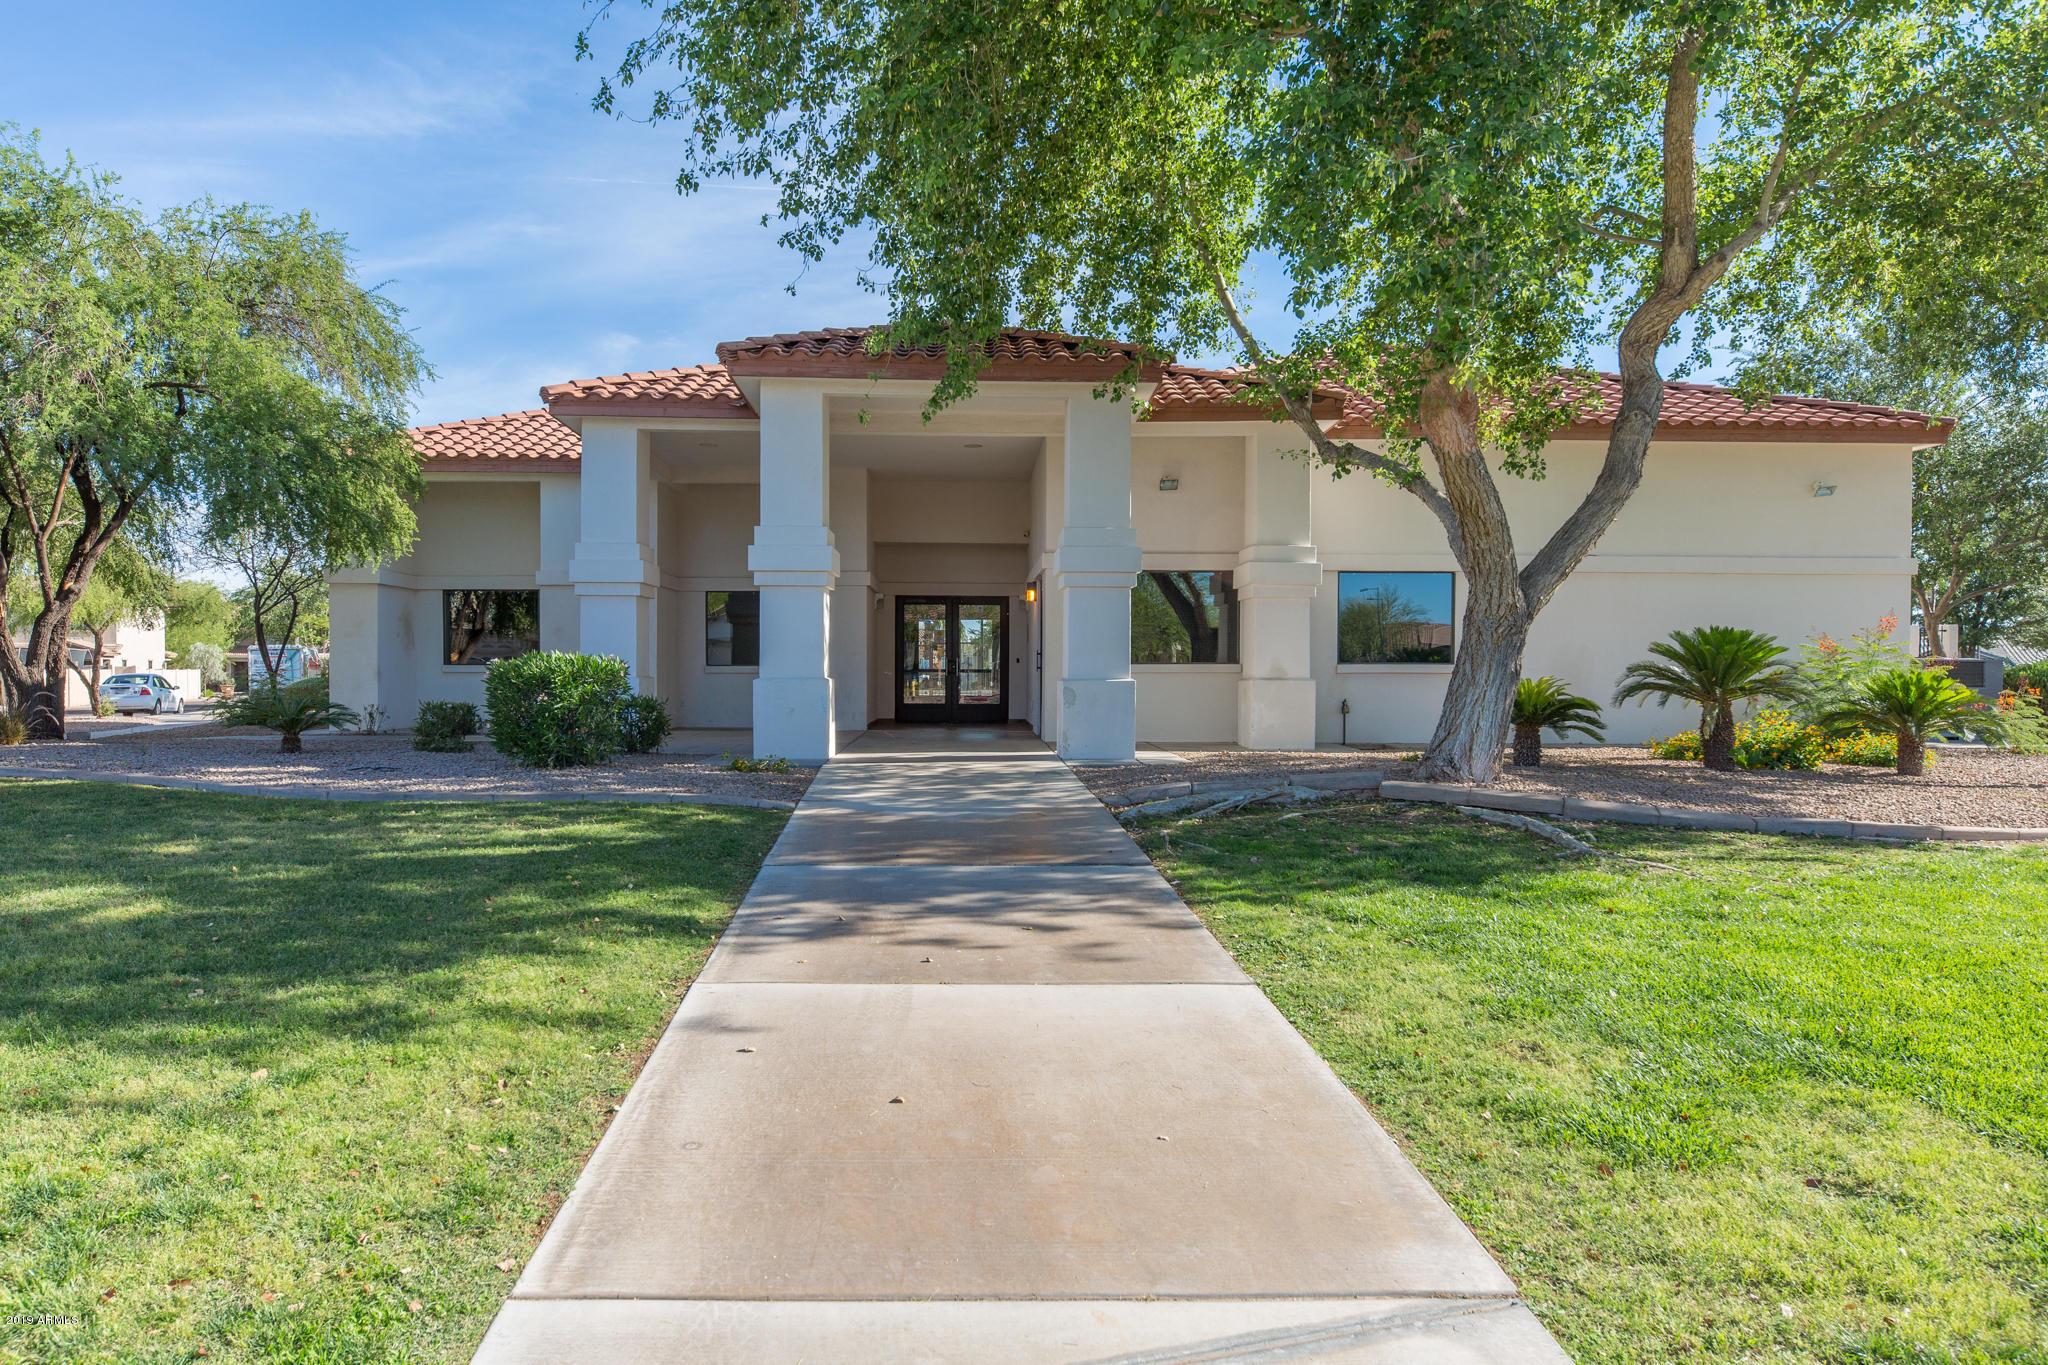 MLS 5866916 2821 S CONESTOGA Road, Apache Junction, AZ 85119 Apache Junction AZ Gated